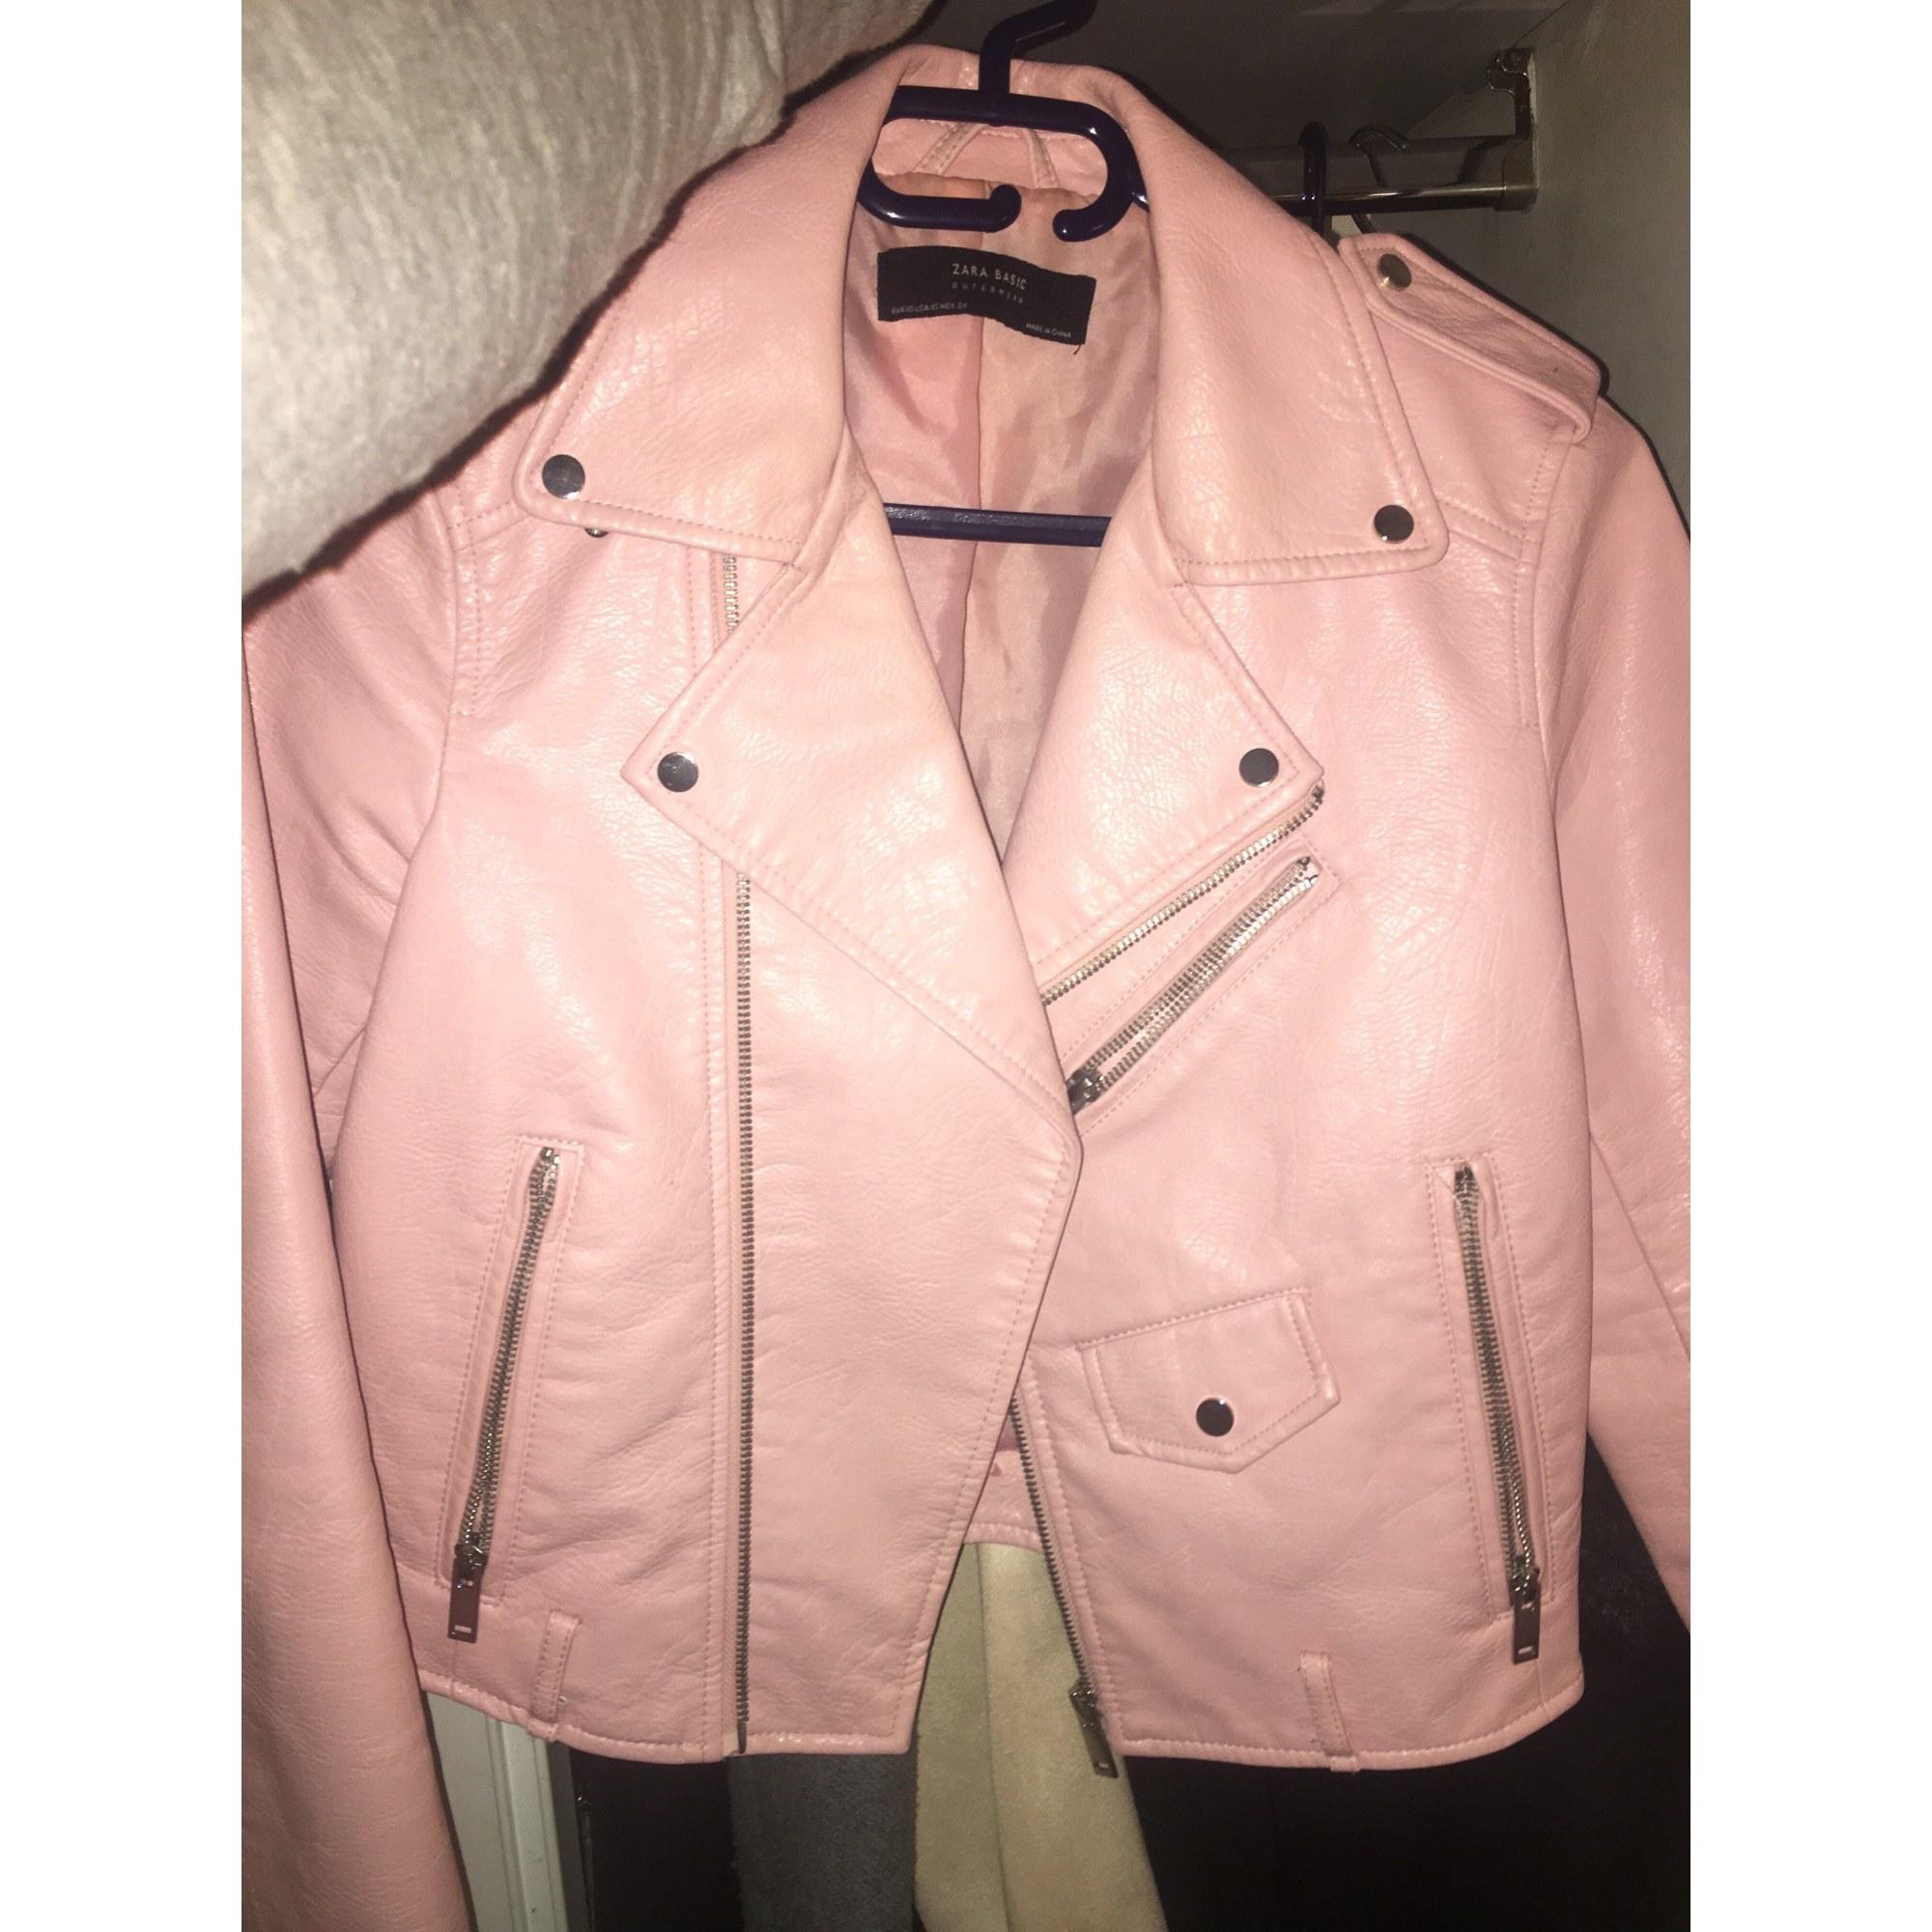 veste en cuir zara femme rose